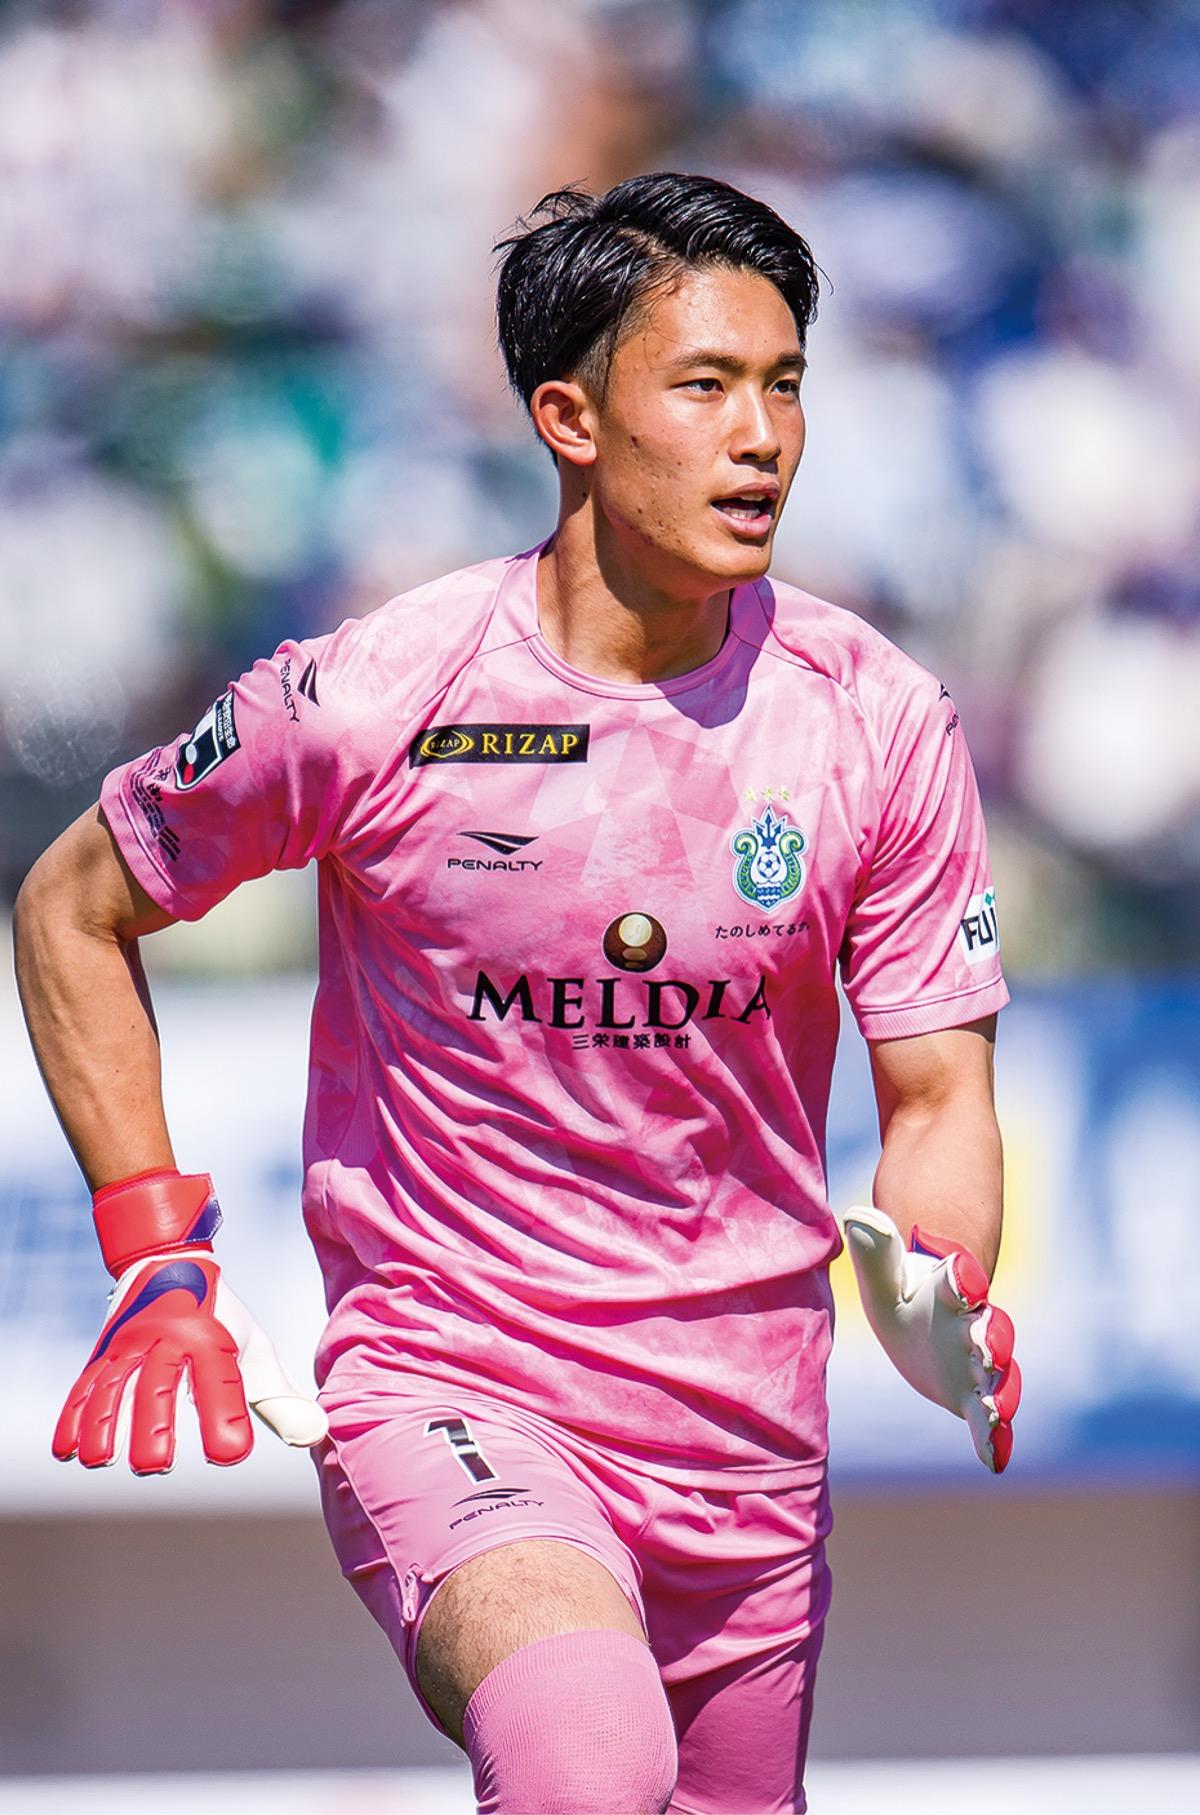 湘南ベルマーレ 谷晃生選手 目標の五輪へ U-24日本代表メンバーに   平塚   タウンニュース